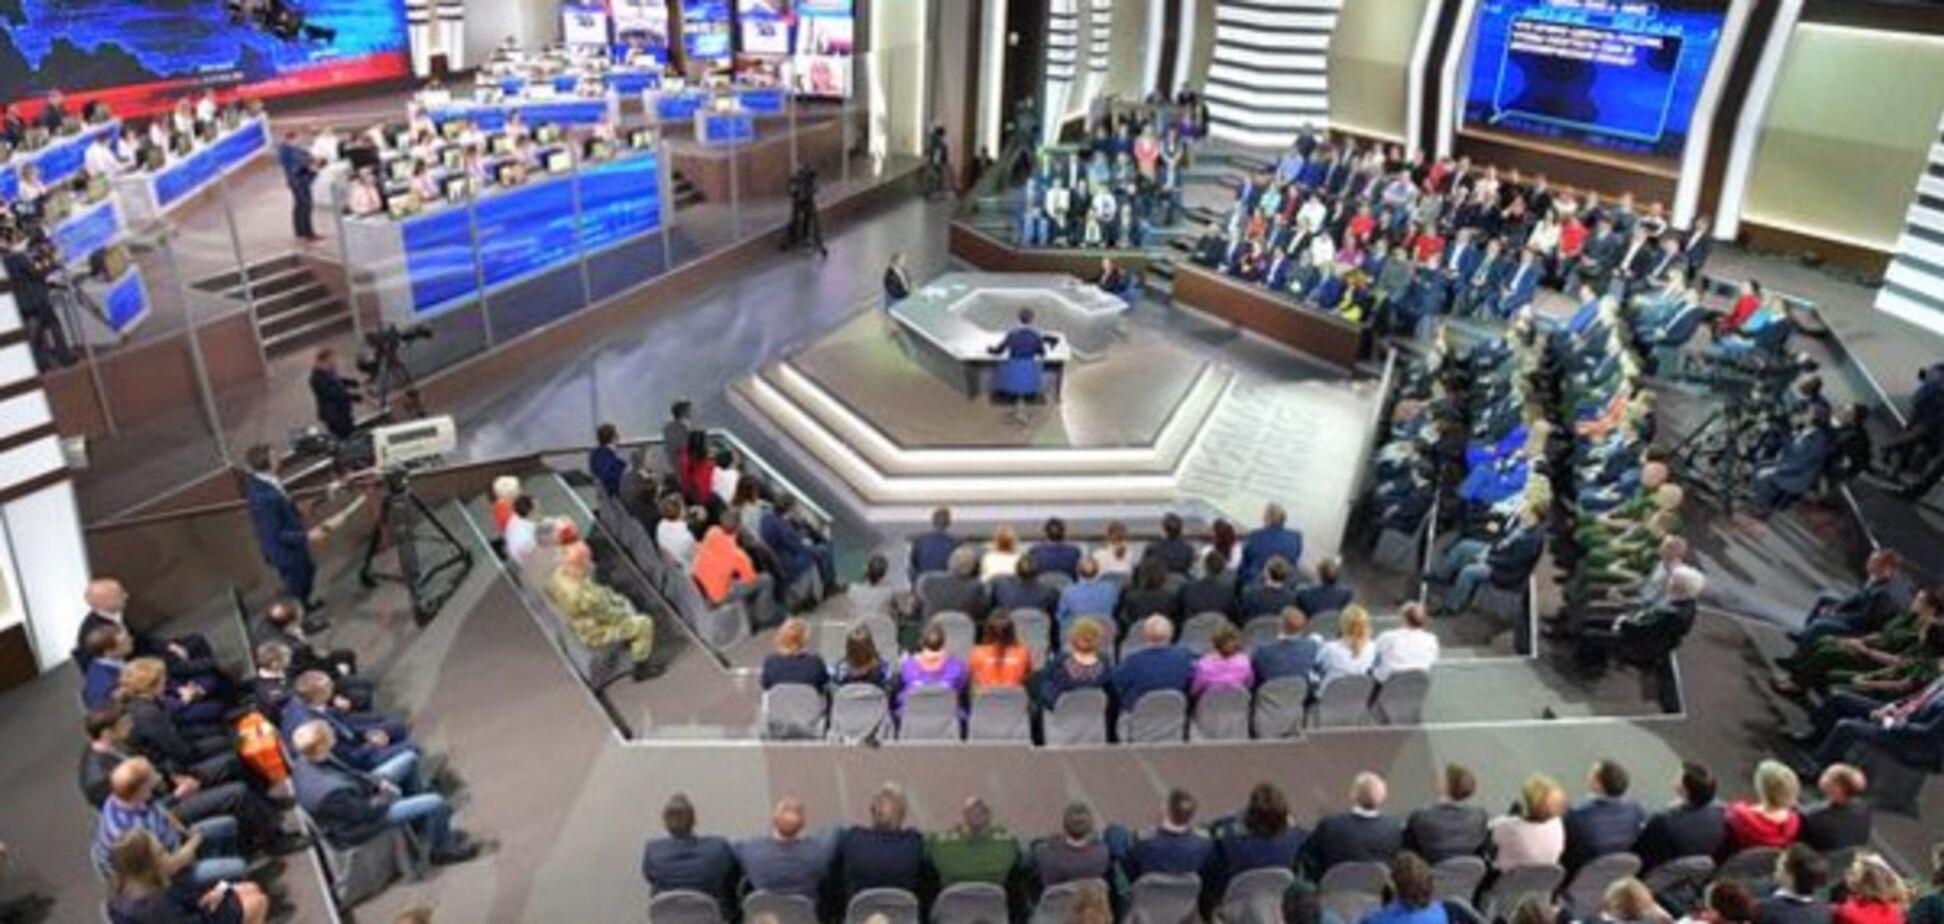 'Гениальный и аморальный телепродукт': в России объяснили суть 'прямой линии' Путина